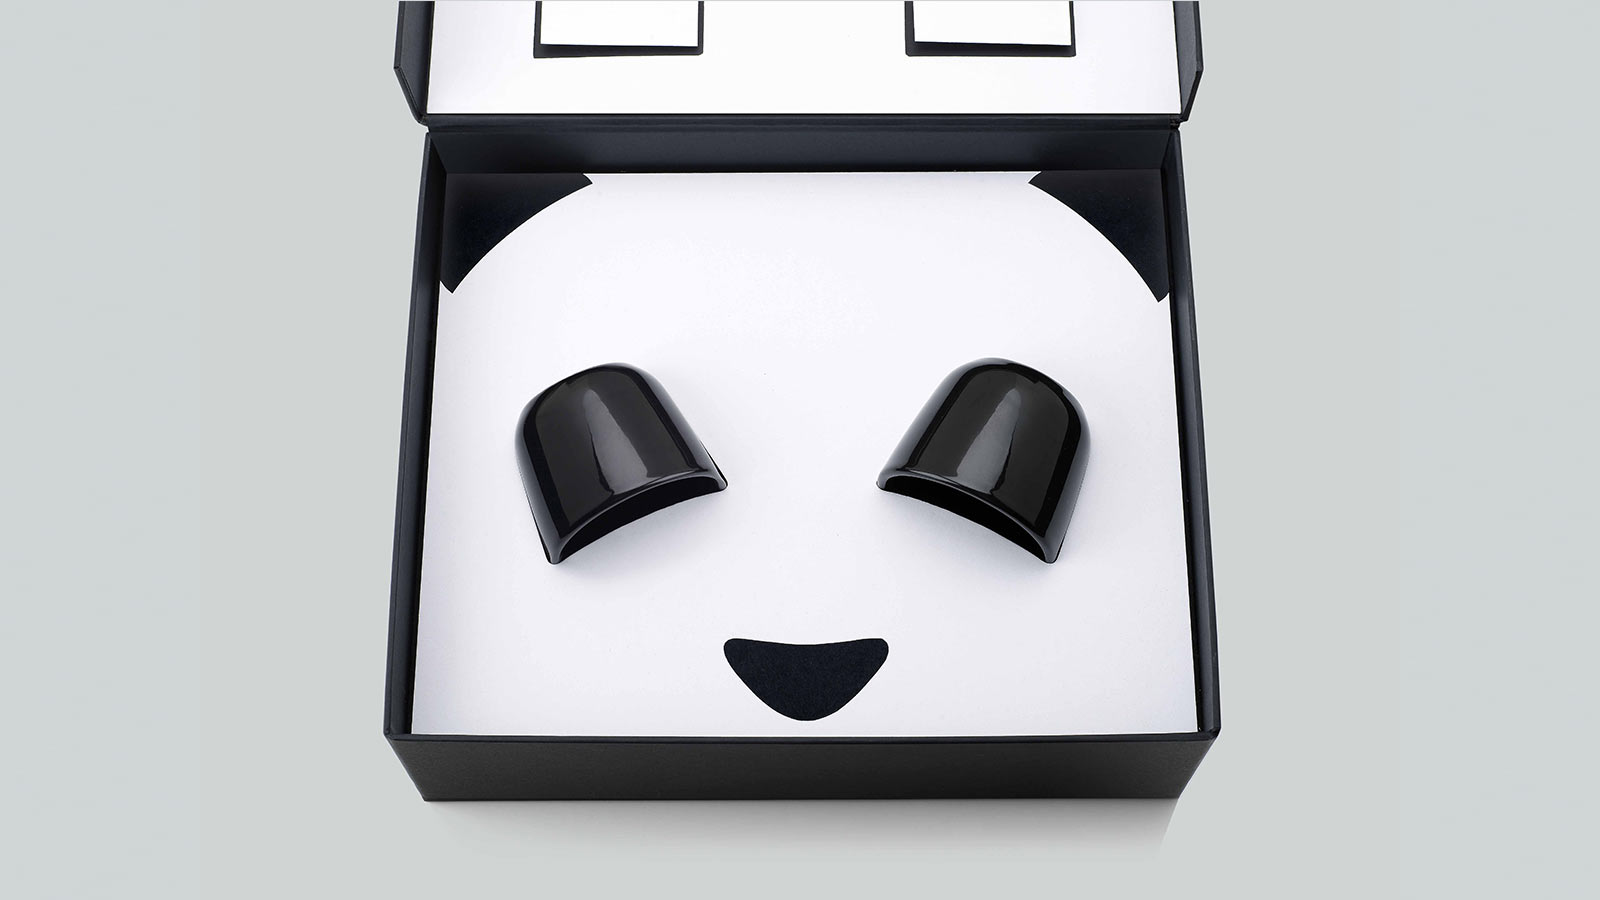 Zoo de Toronto   Tasses à thé Panda pour le zoo de Toronto   Design, Image de marque, Publicité, Stratégie de marque